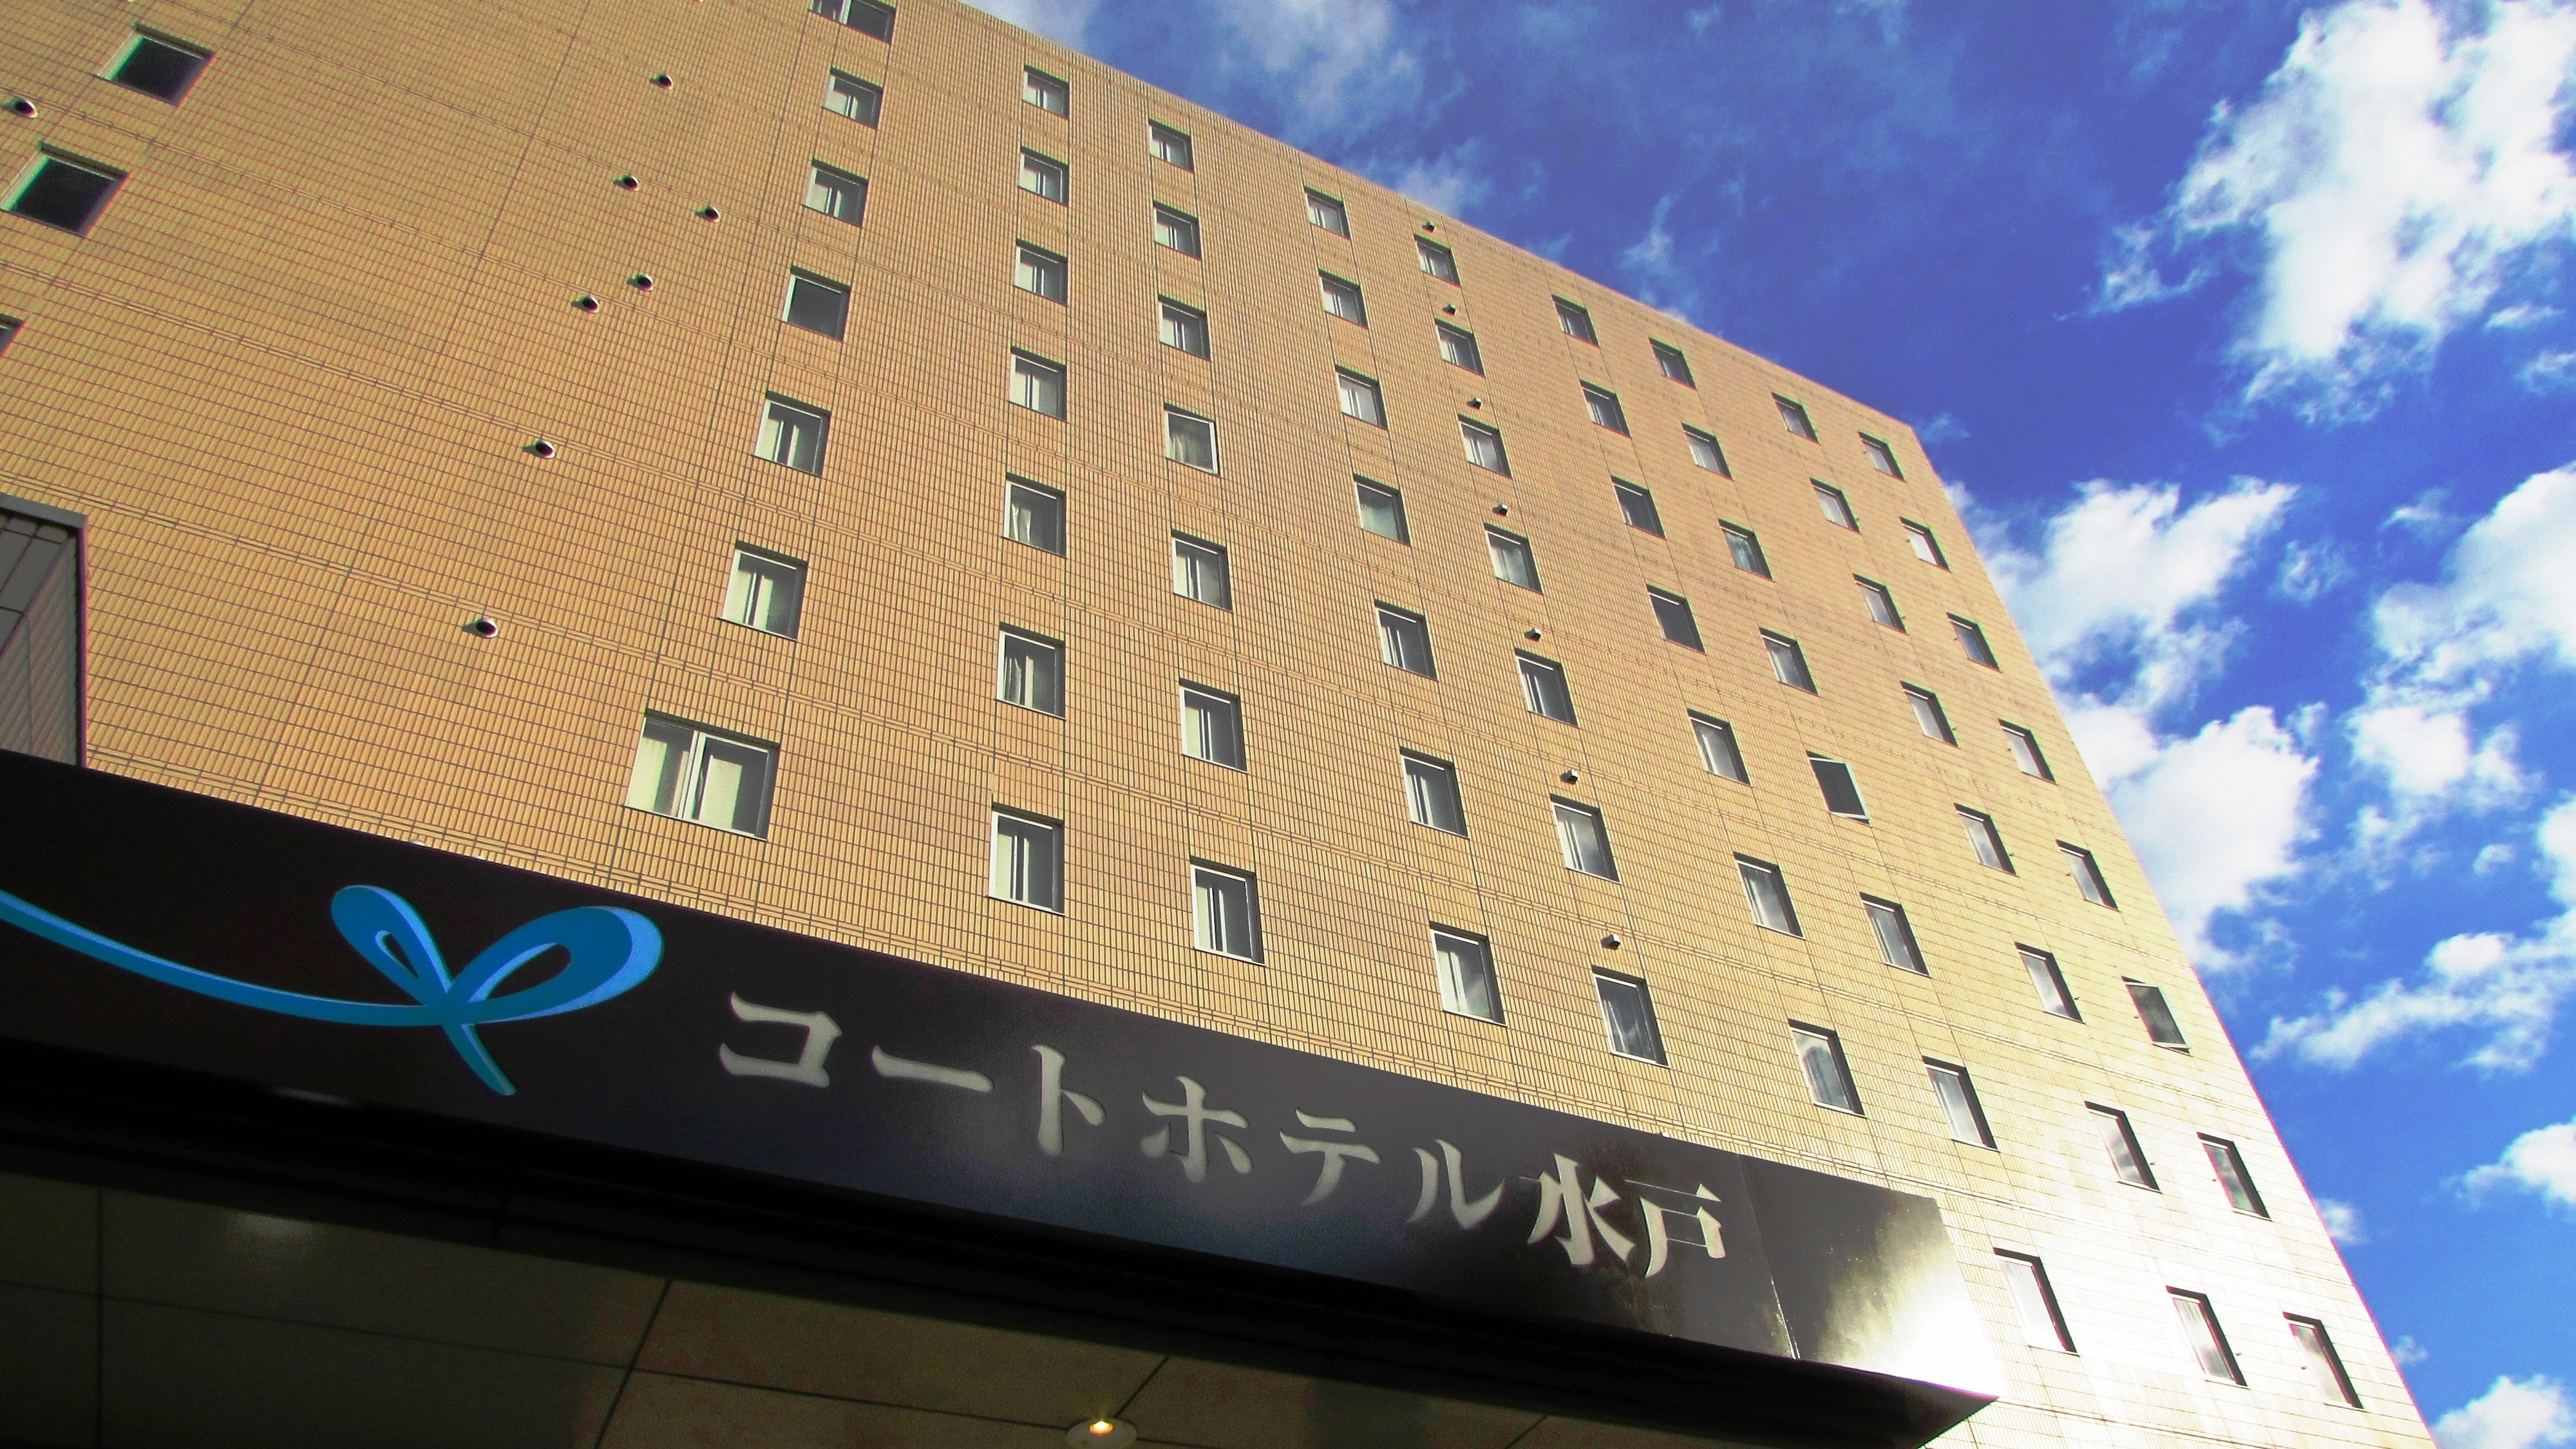 コートホテル水戸 image